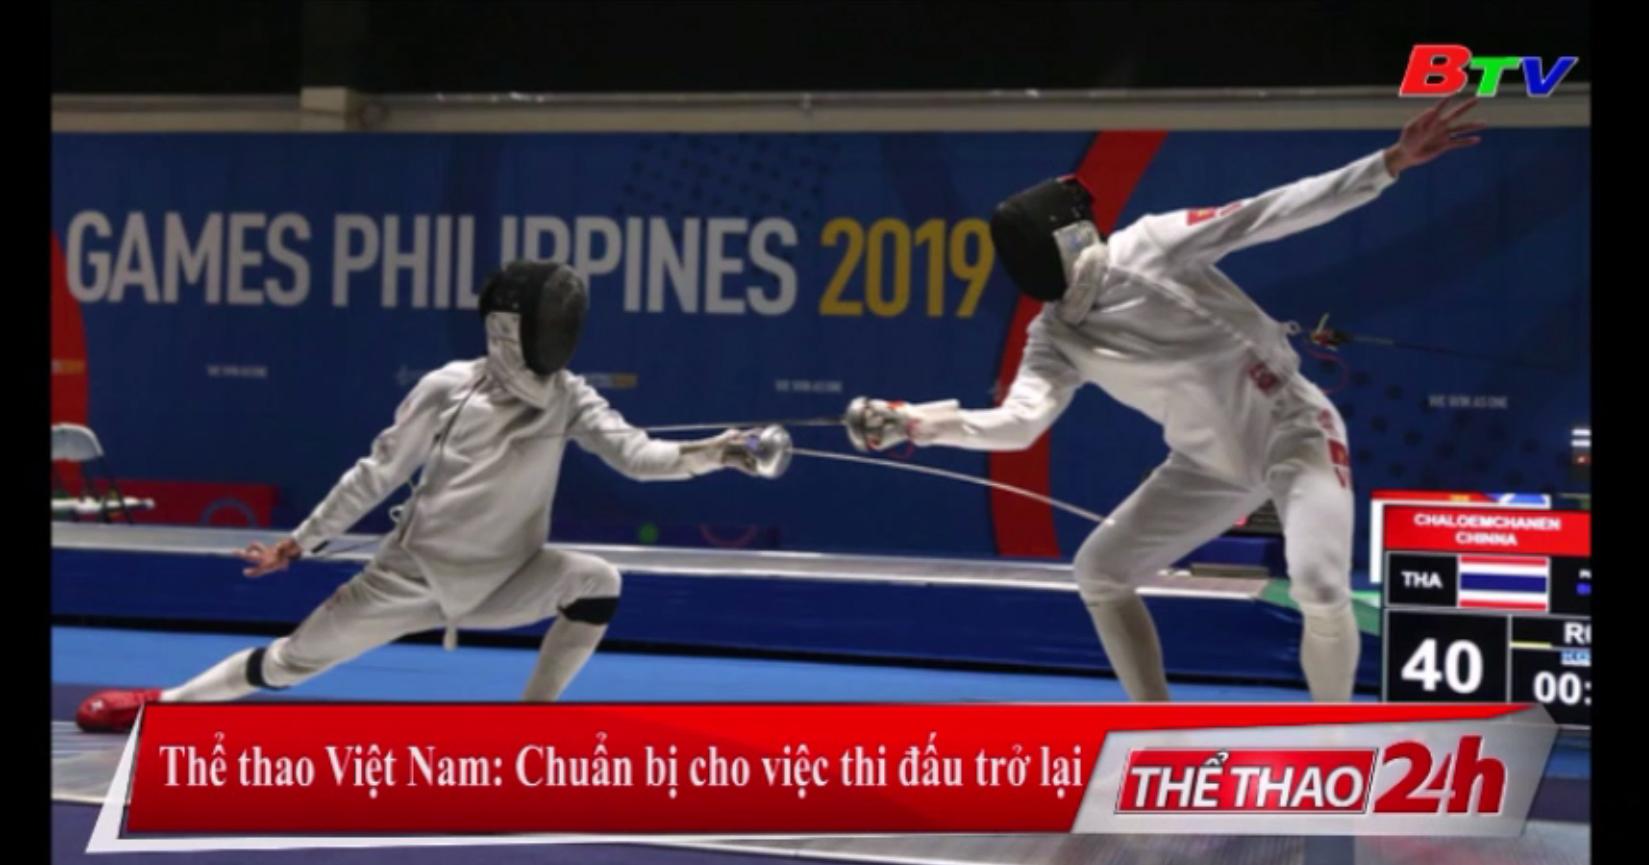 Thể thao Việt Nam - Chuẩn bị cho việc thi đấu trở lại